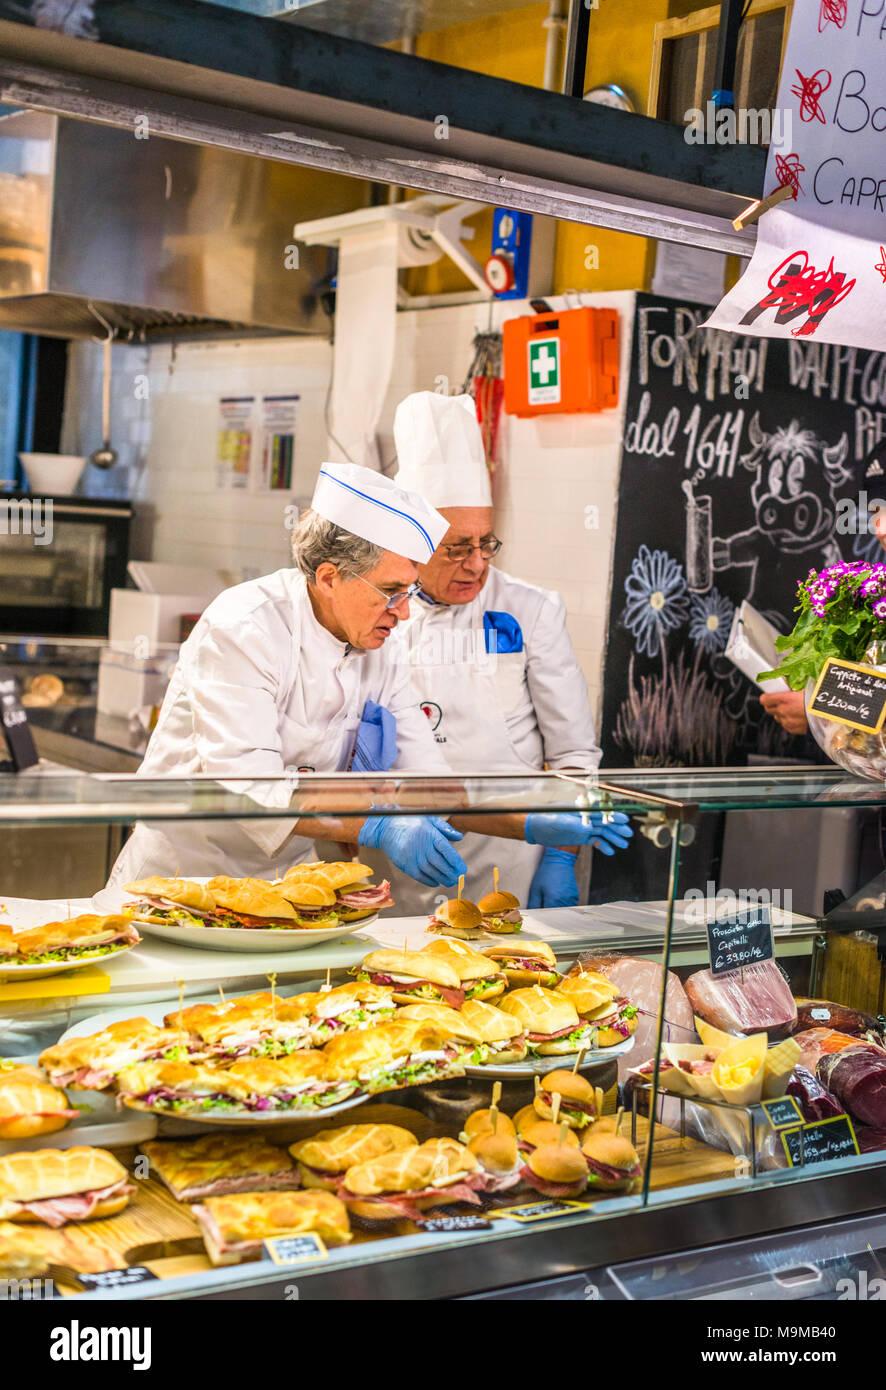 Two Italian men serving sandwiches at Mercato Centrale Roma next to Roma Termini railway station, Rome, Lazio, Italy. Stock Photo